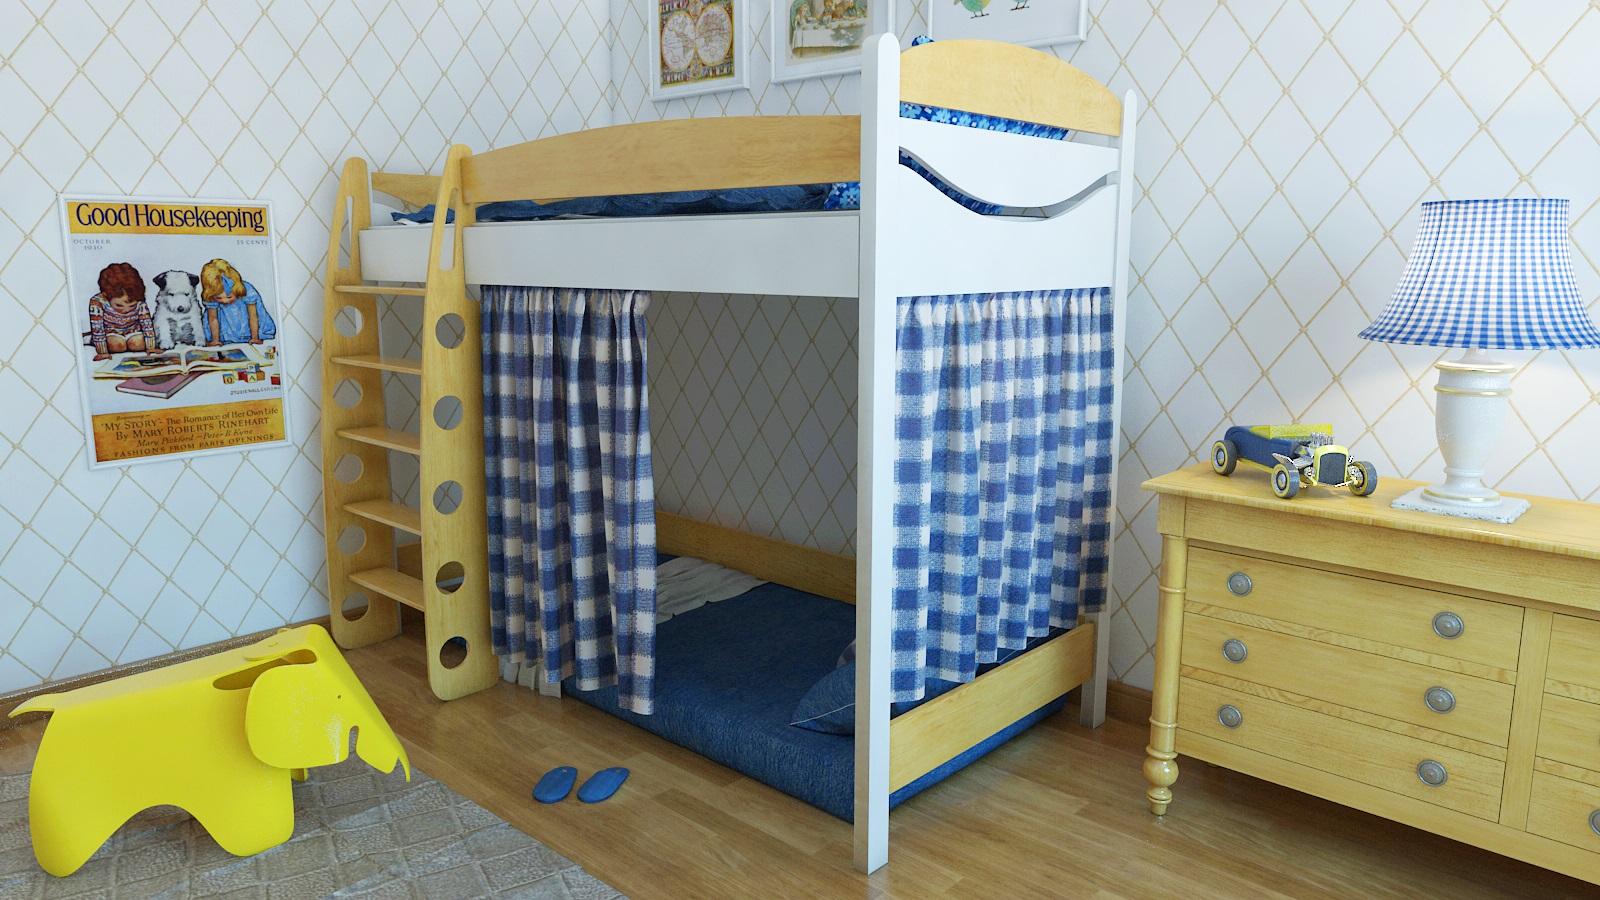 кровать-домик для детей бюджет